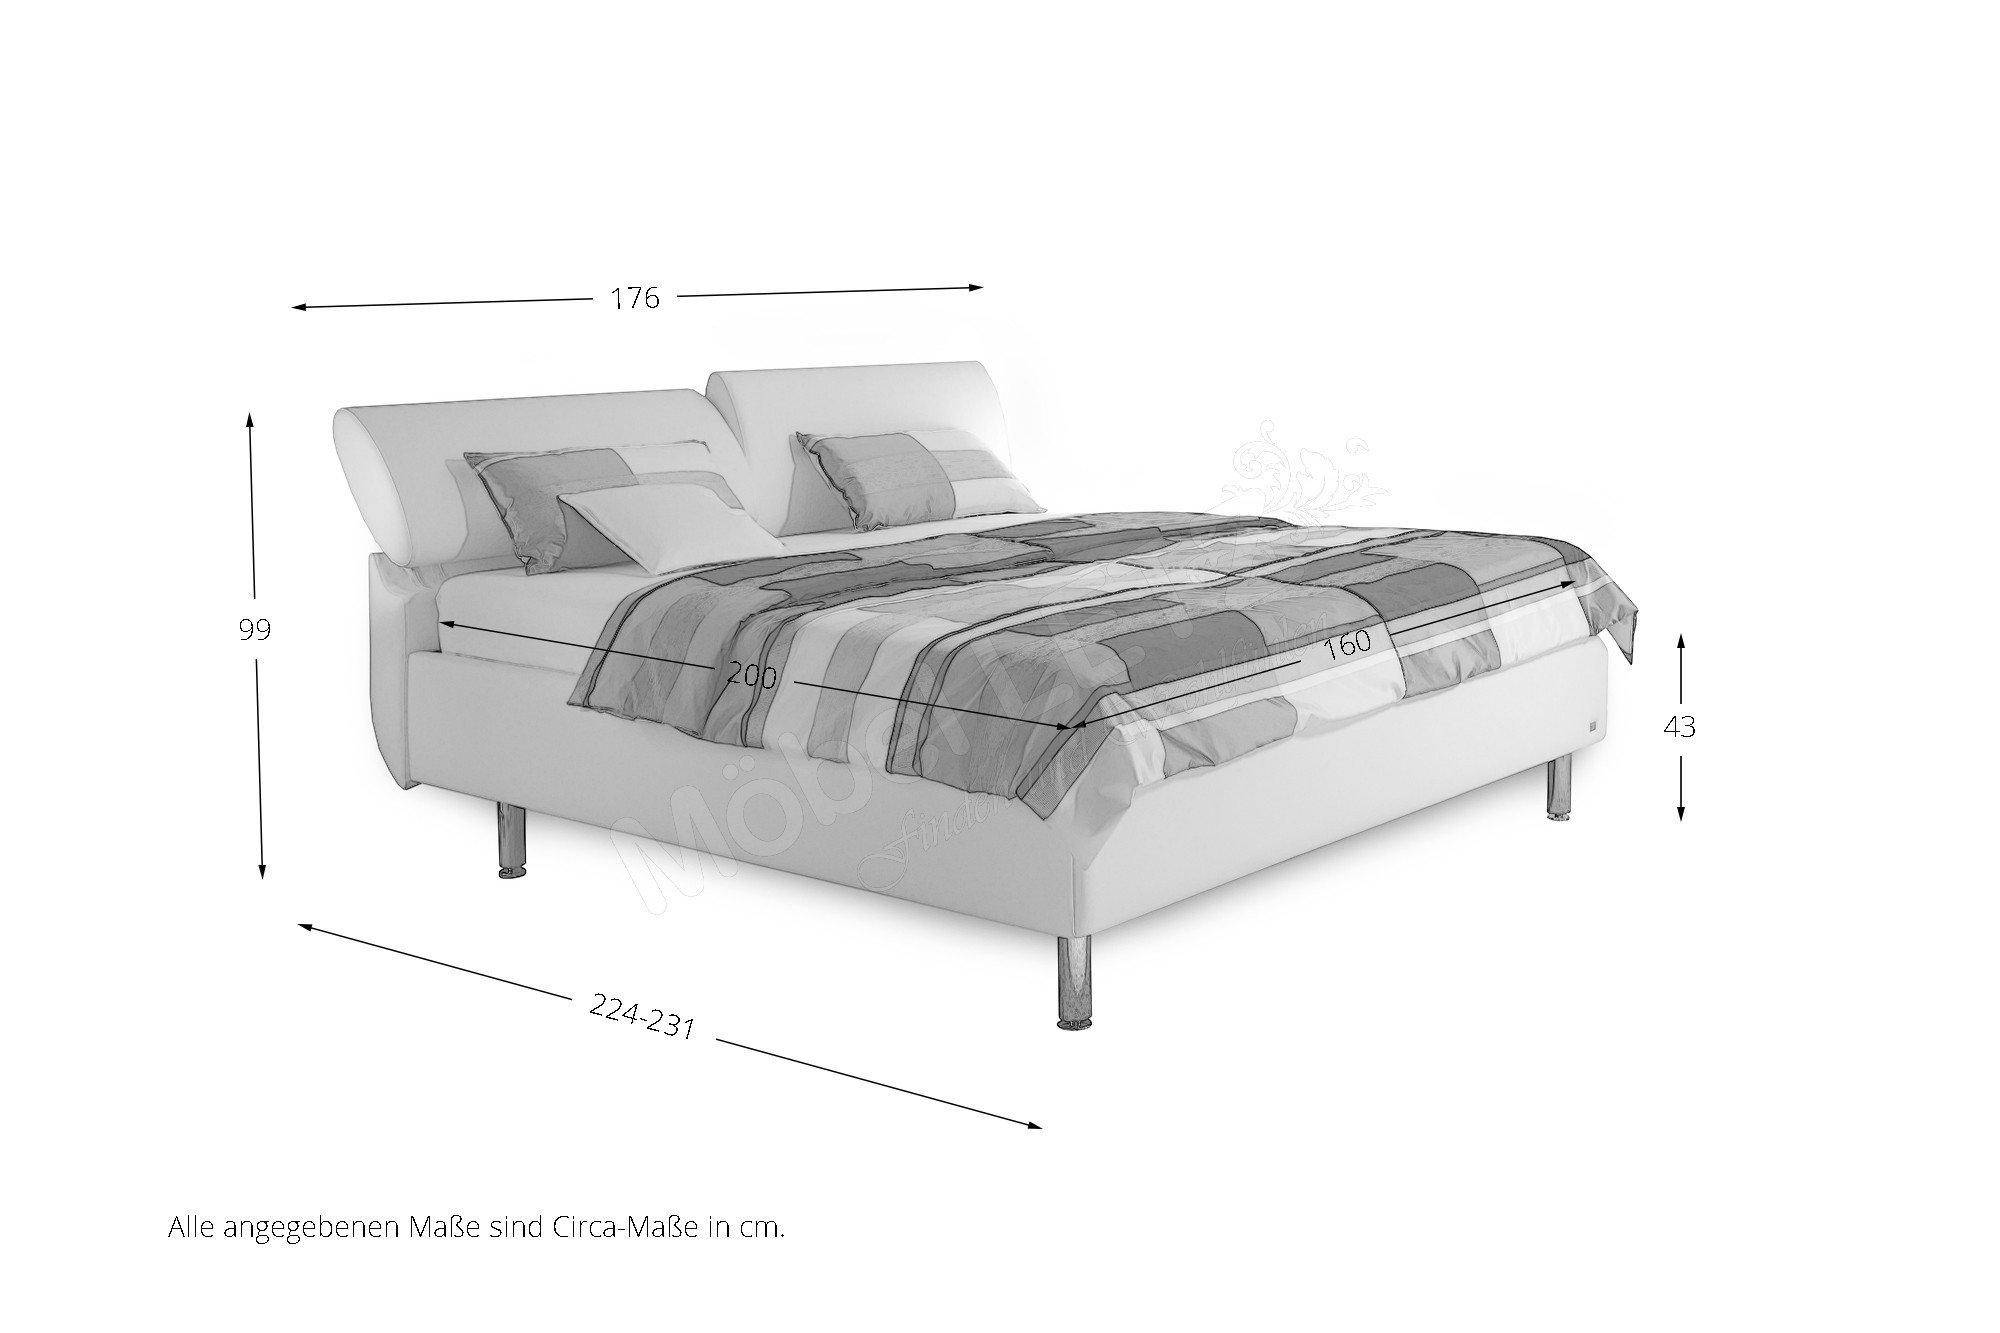 ruf polsterbett modell casa im eleganten weiß | möbel letz - ihr, Hause deko